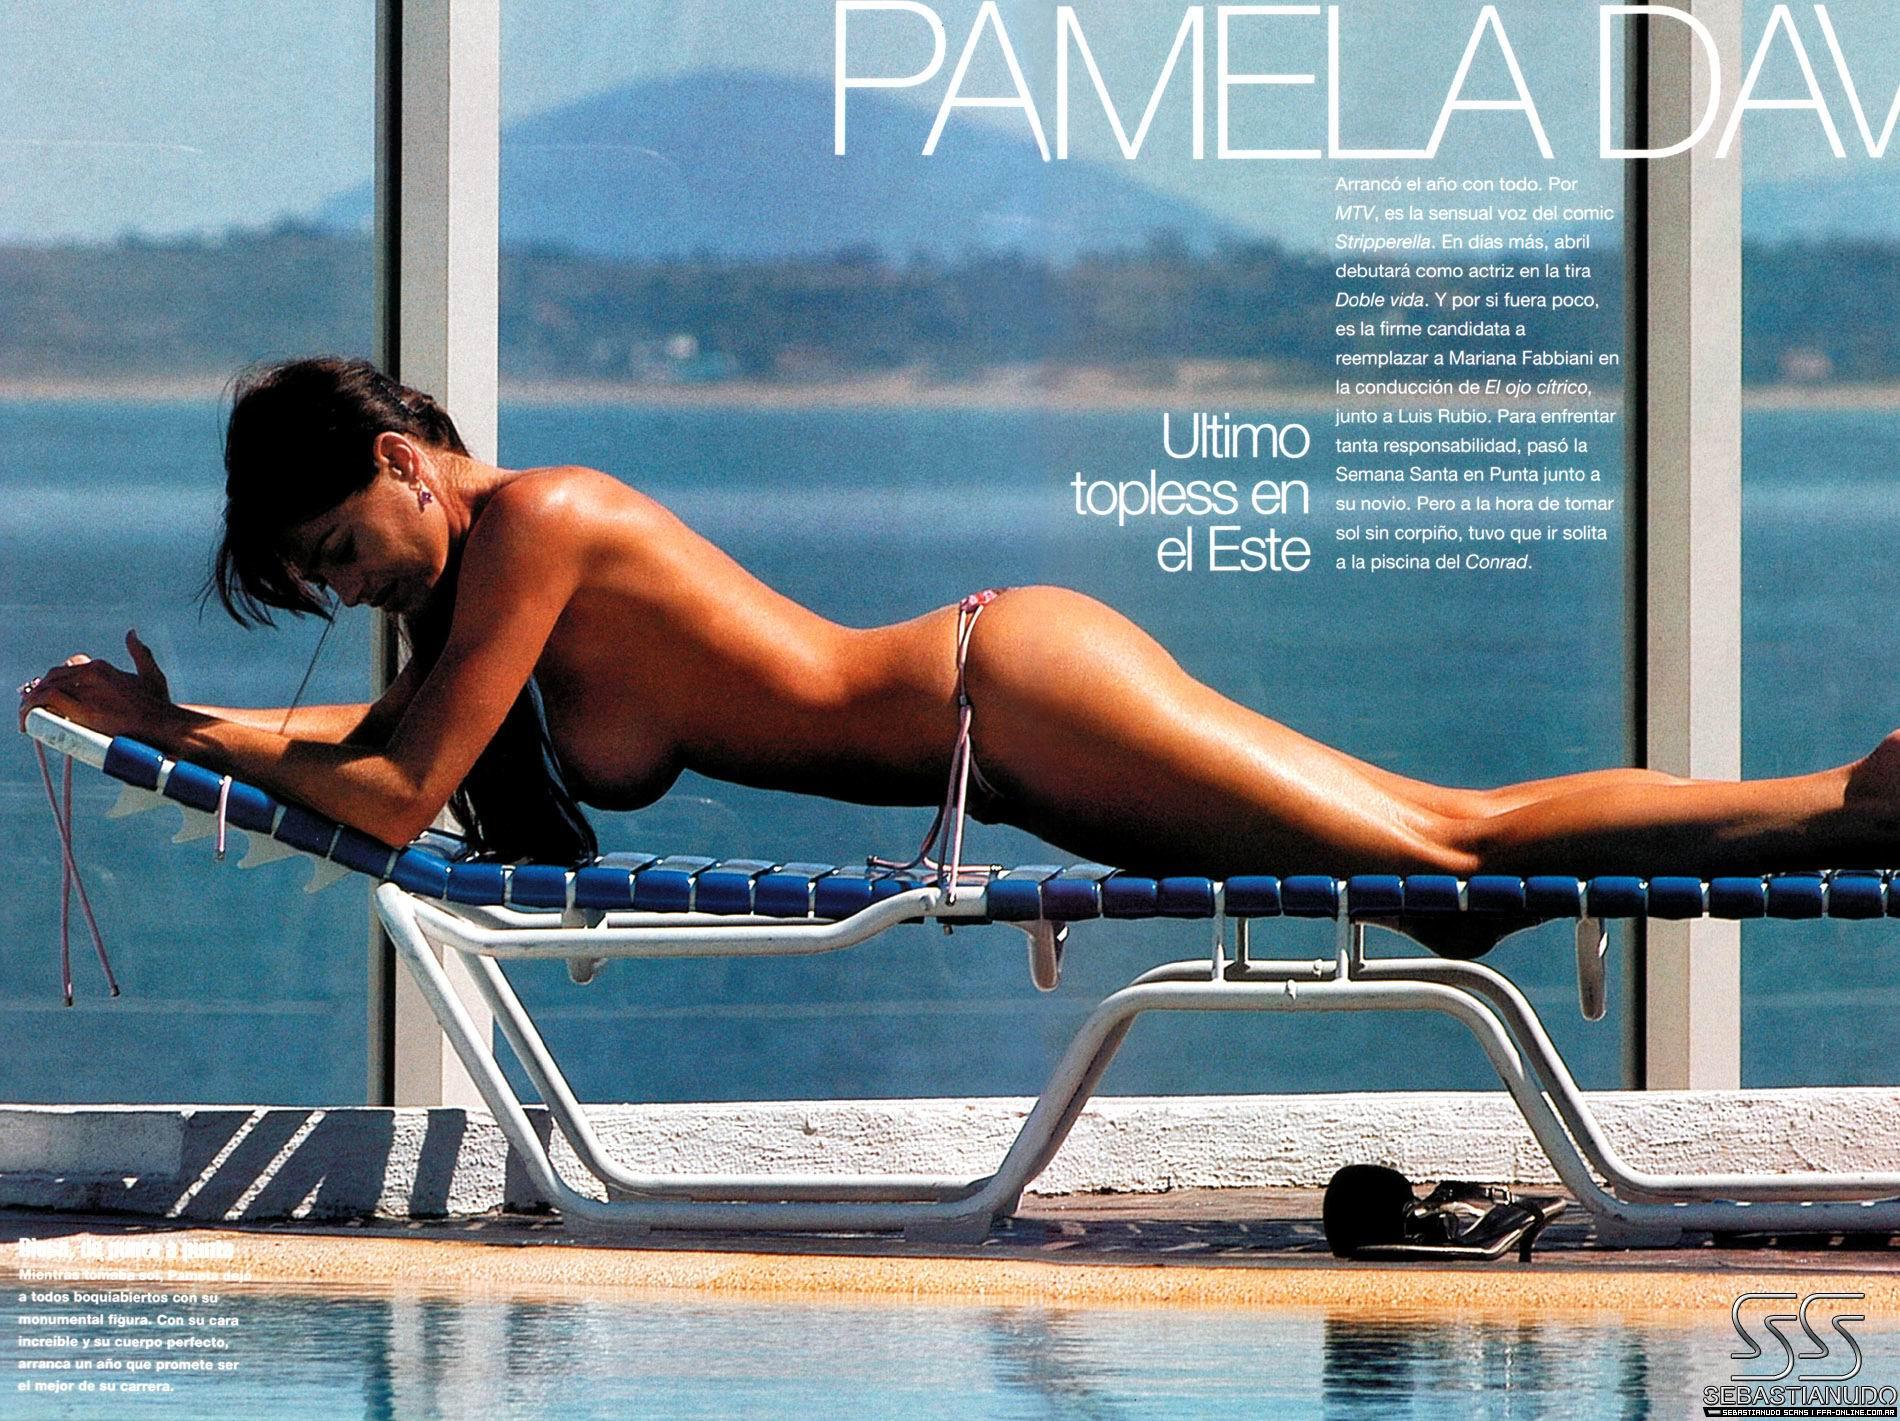 Pamela David, Queen Of The Seas